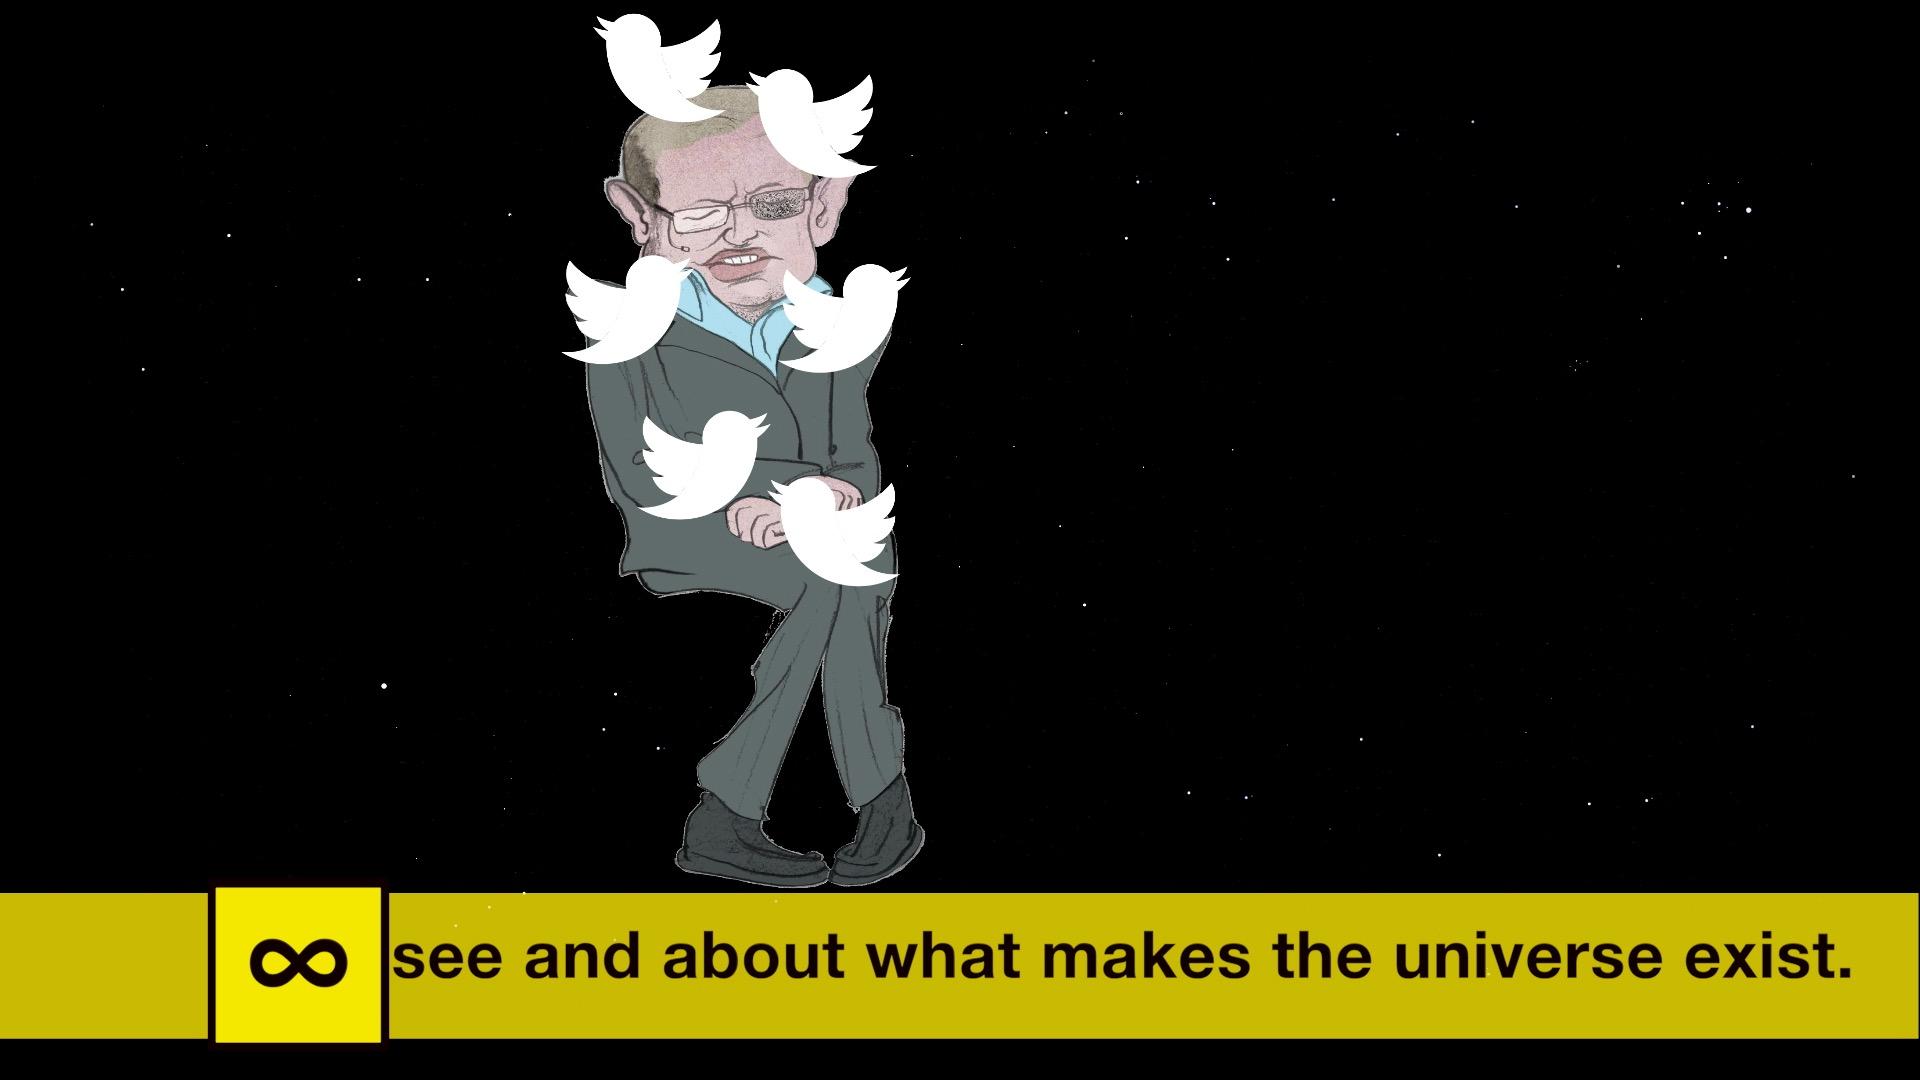 Stephen Hawking by Phil Disley